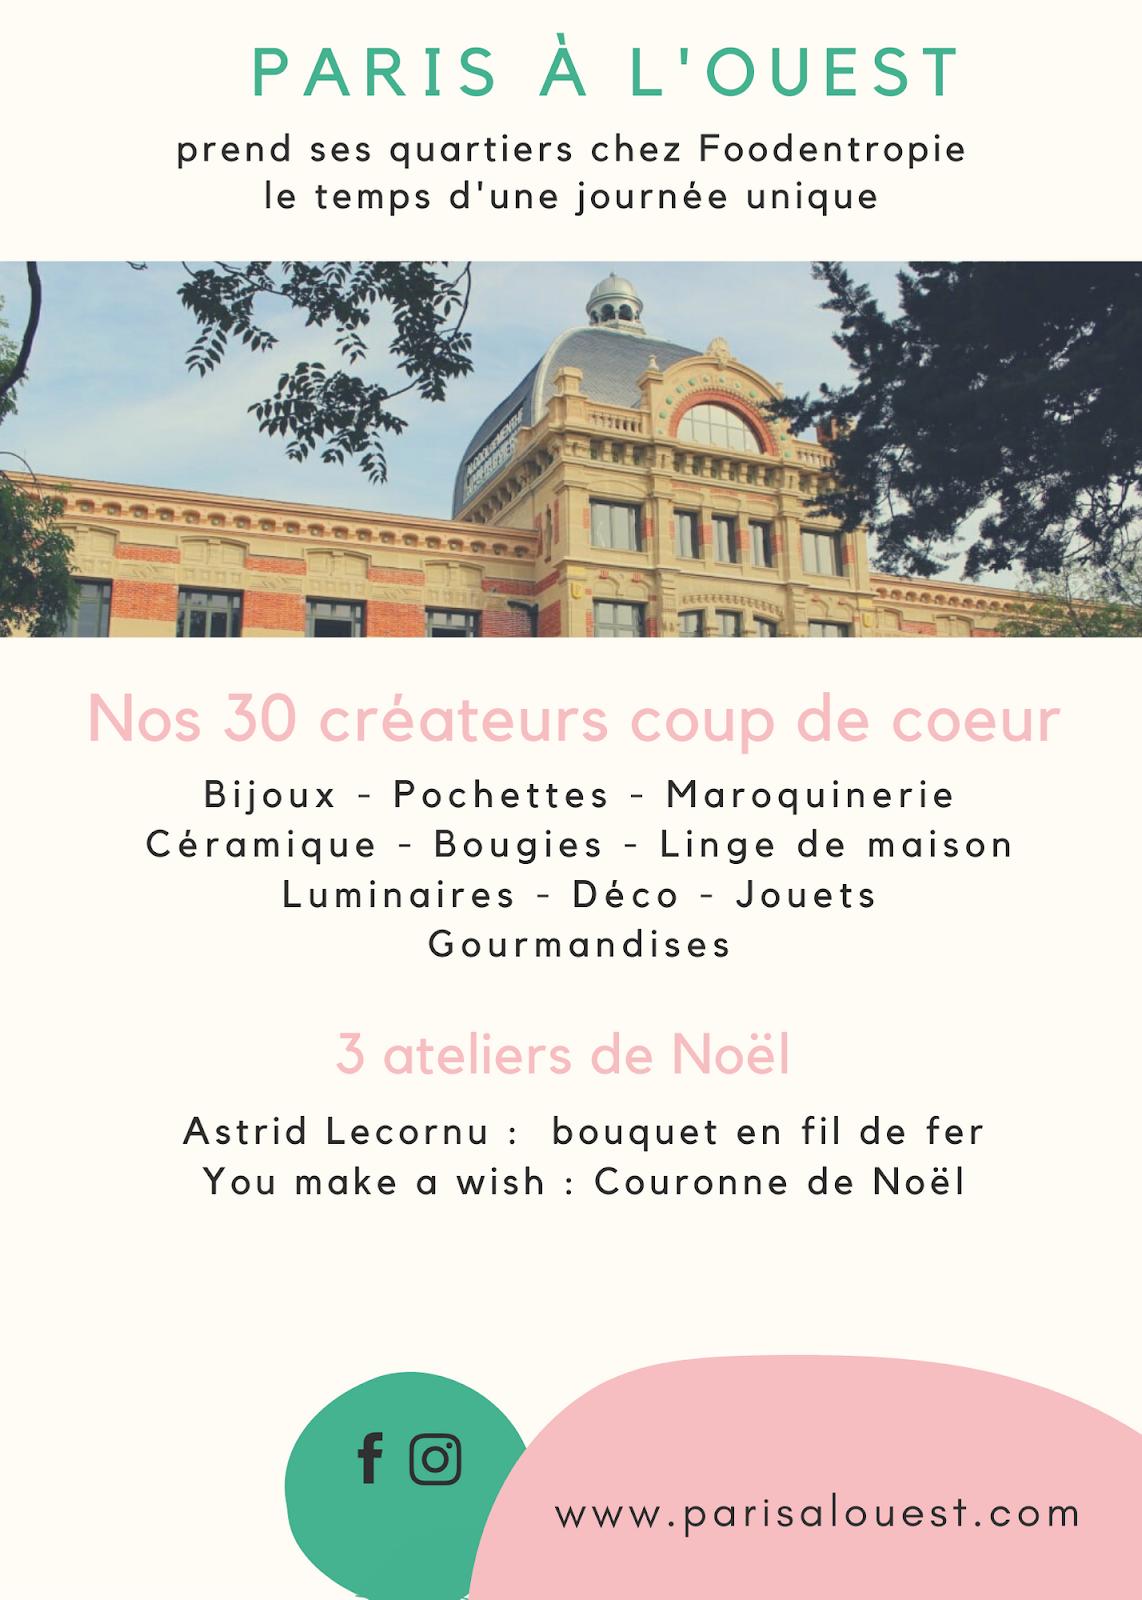 Vente de noel 2019 Paris à l'Ouest